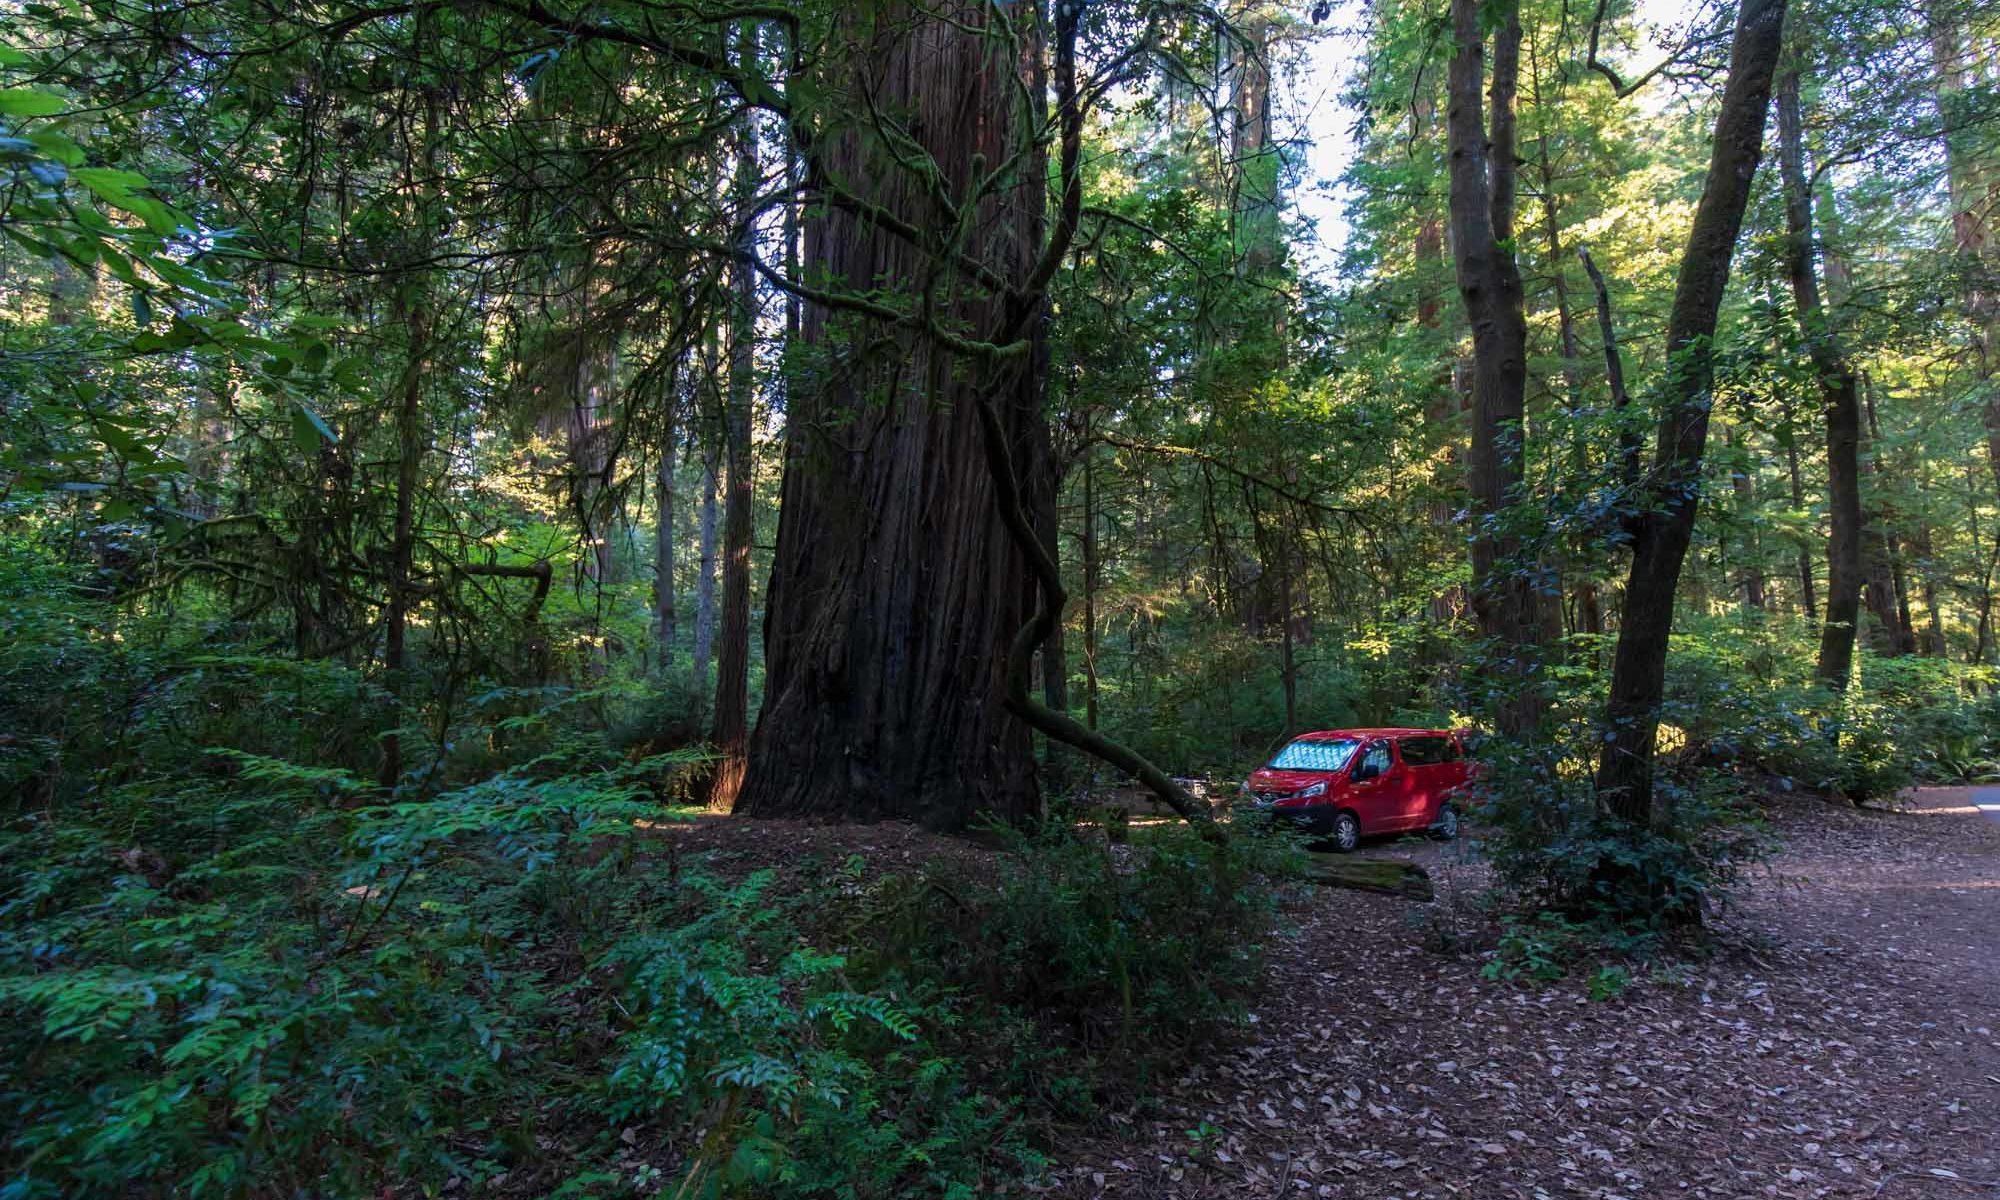 Roter Campervan versteckt zwischen Bäumen.